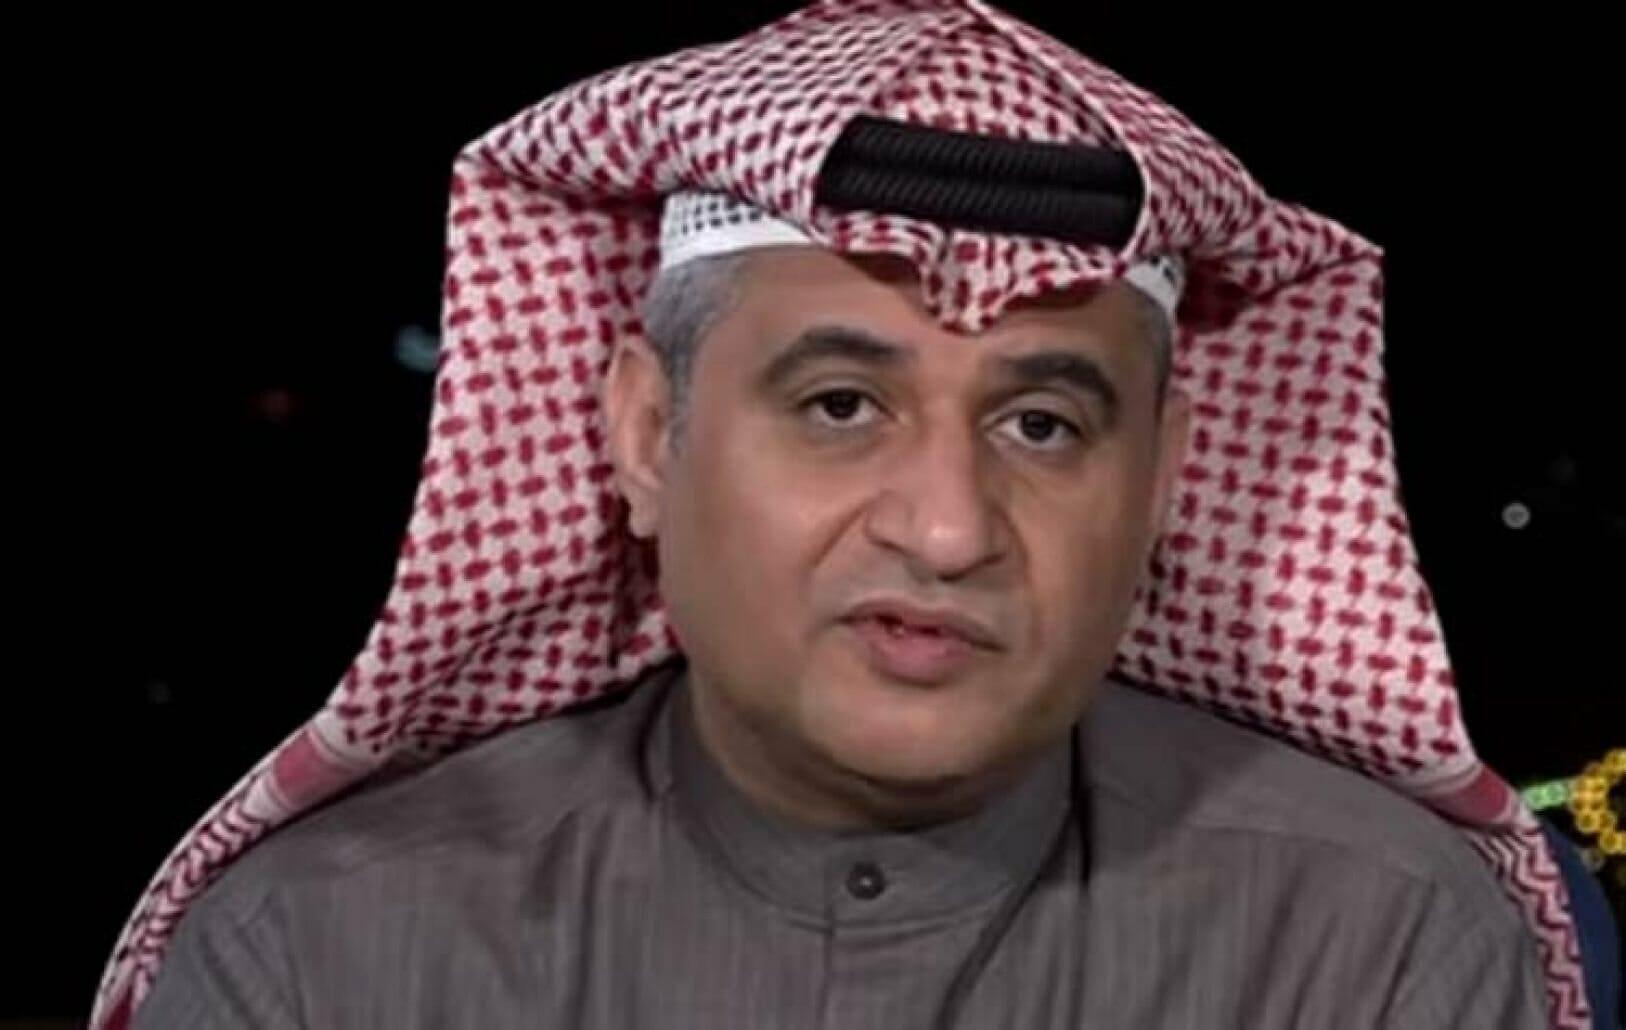 إعلامي كويتي شهير يشيد بشهامة سلطنة عمان في مساندة السعودية باليمن